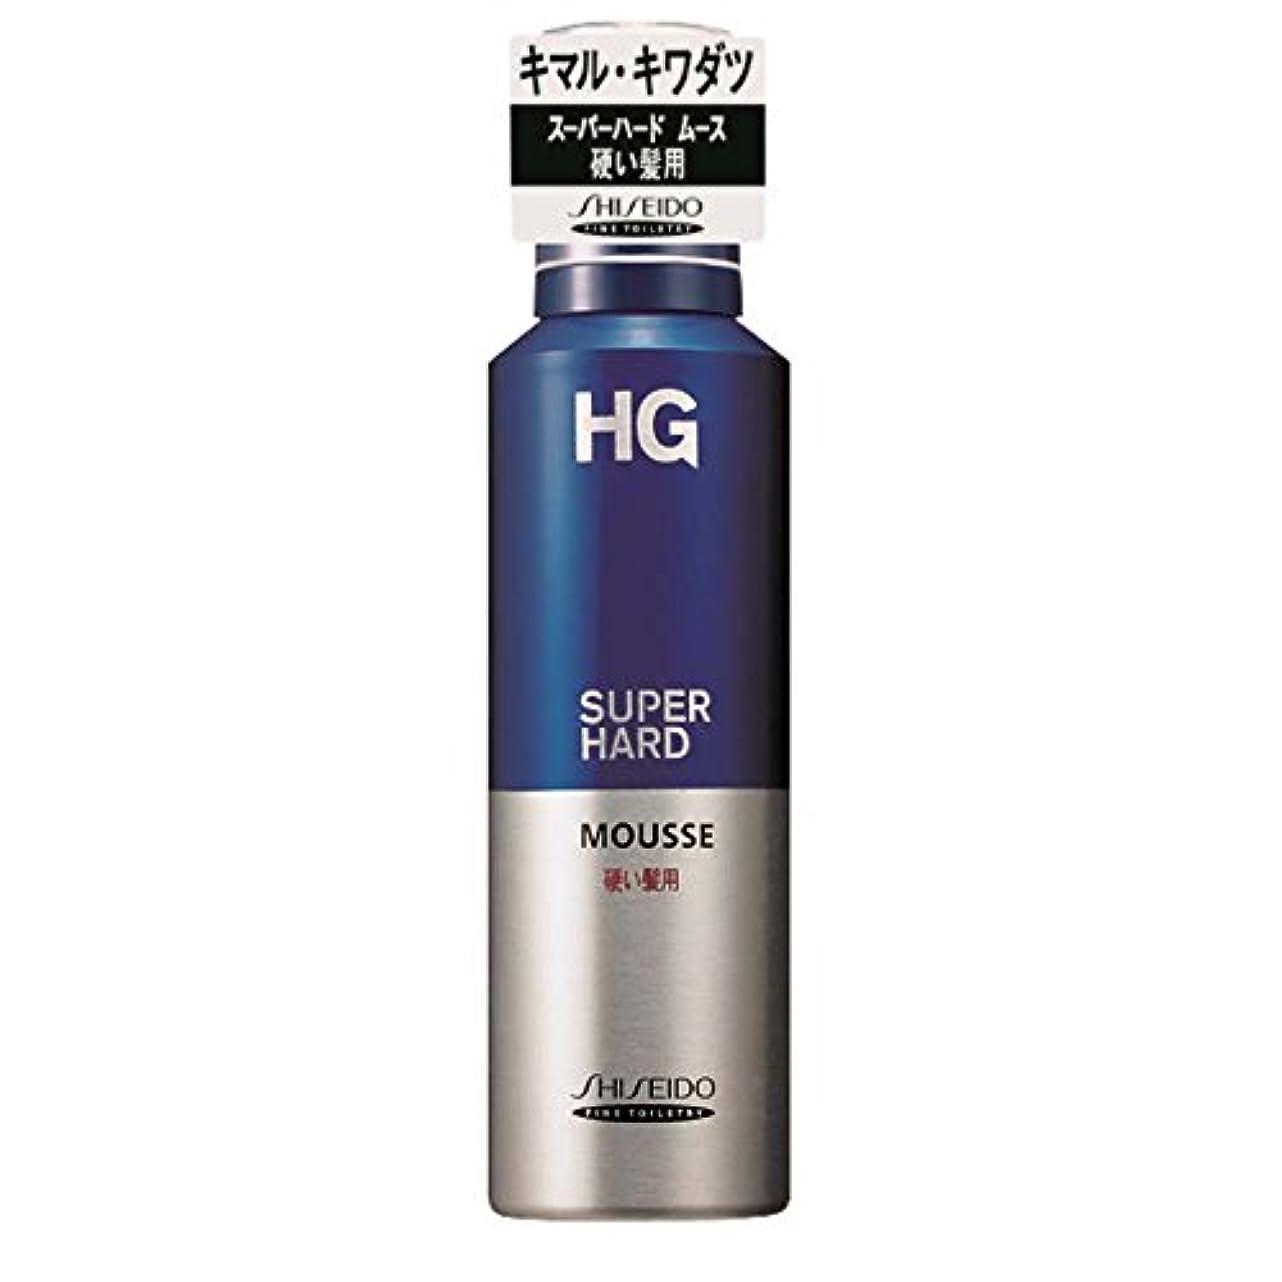 技術おめでとう囲いHG スーパーハード ムース 硬い髪用 180g